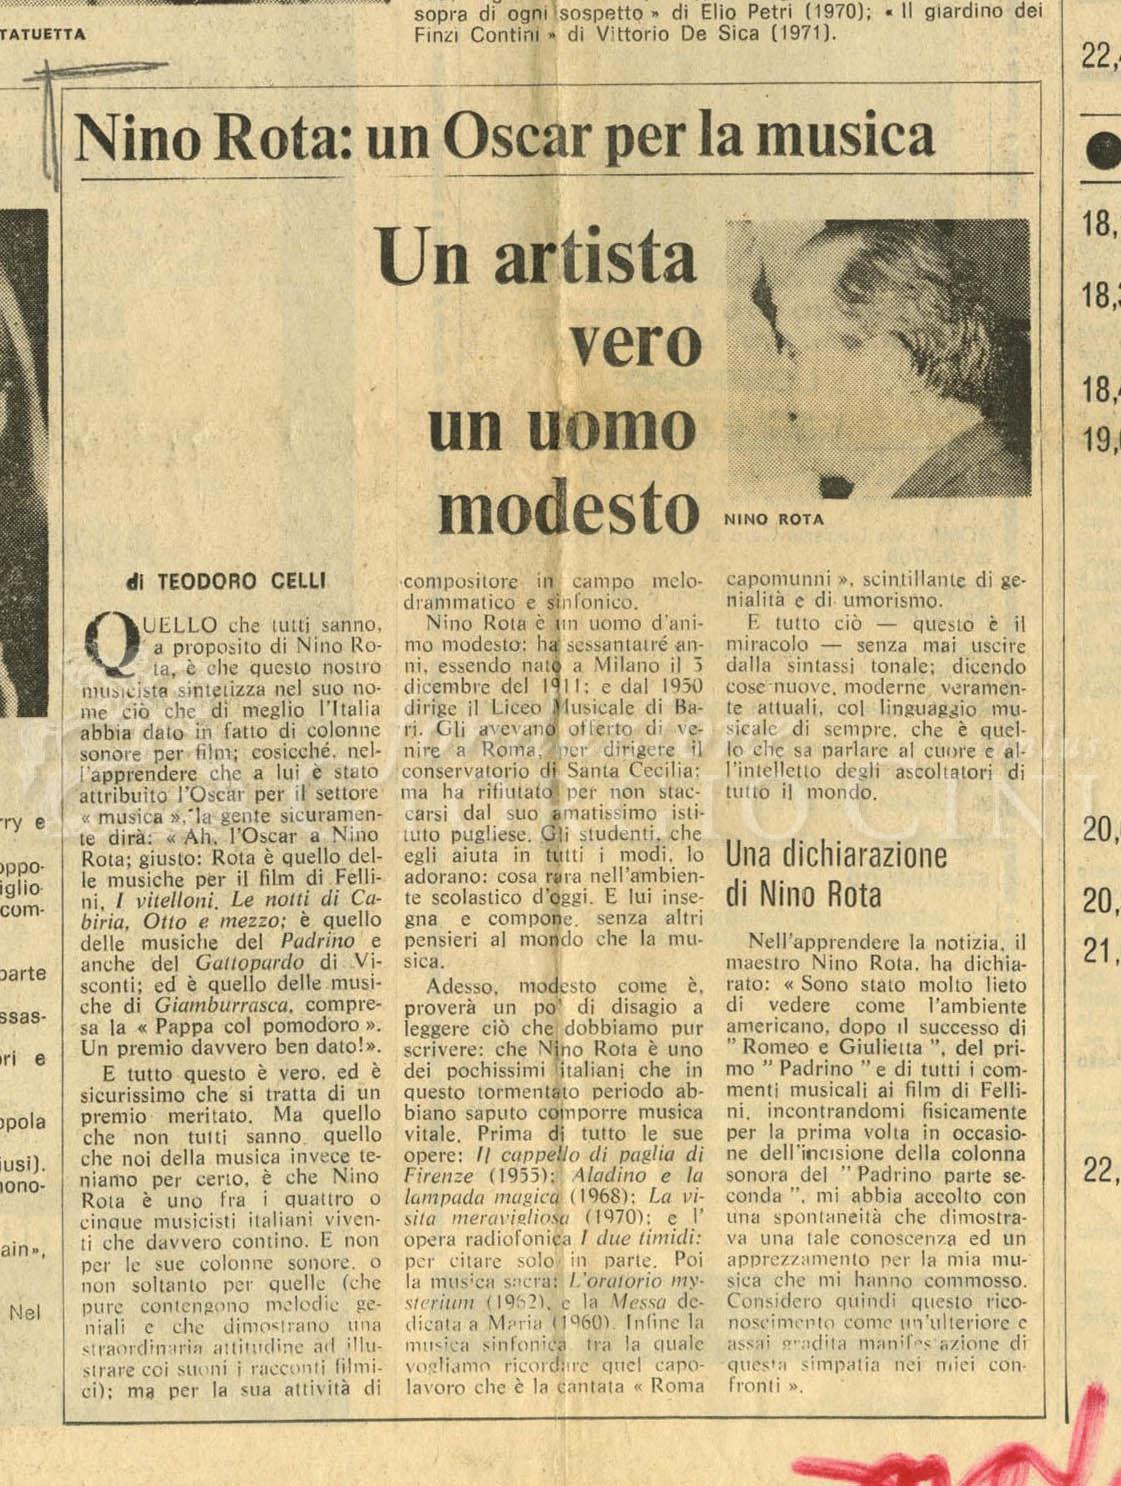 Nino Rota: un Oscar per la musica  10 aprile 1975